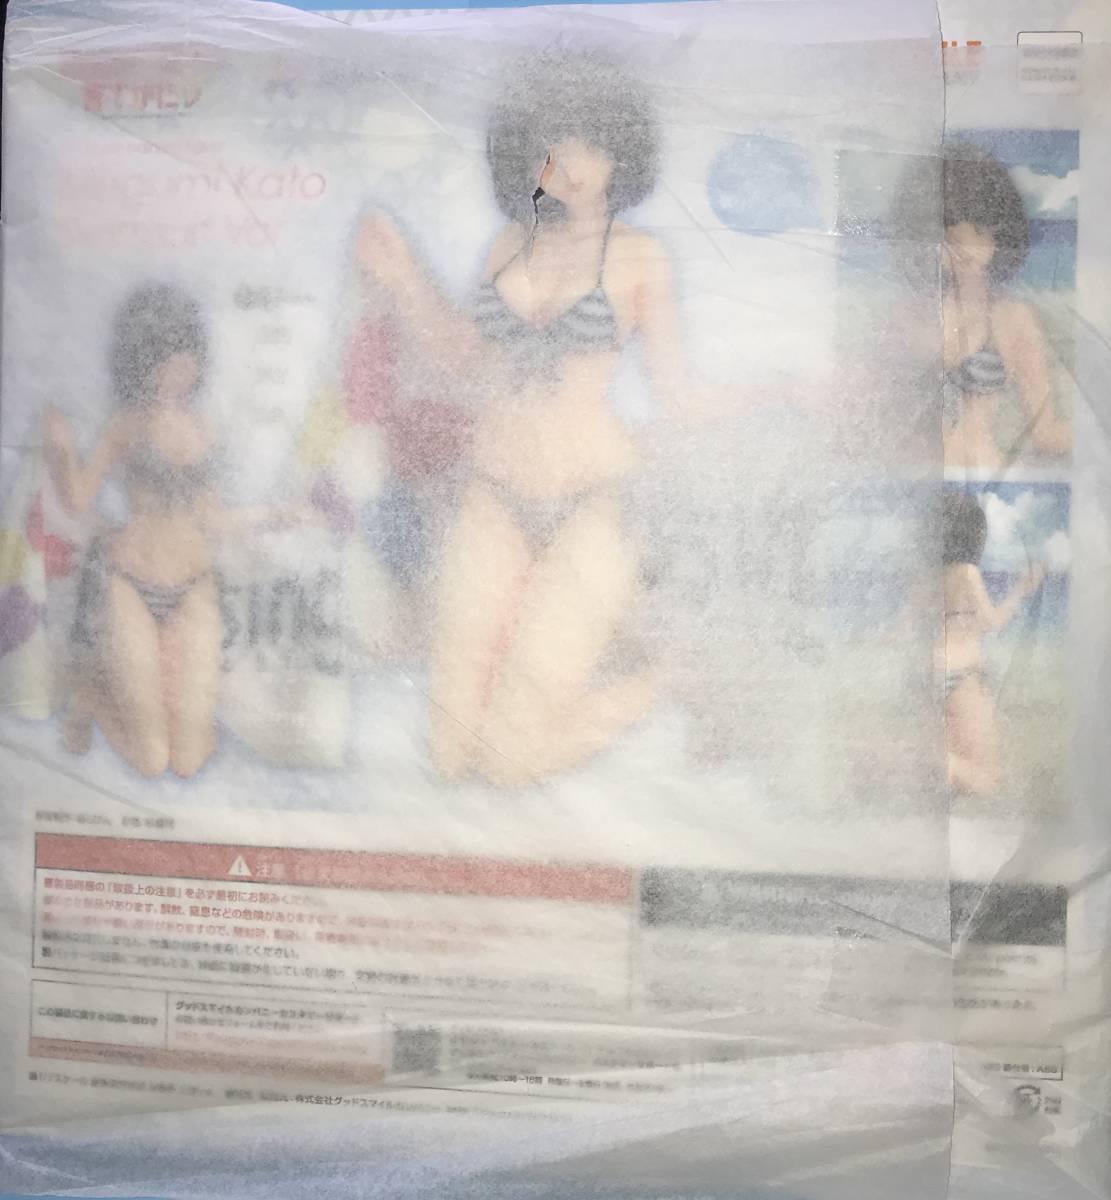 【特典】冴えない彼女の育てかた♭ 加藤恵 水着Ver. 1/7 完成品 美少女フィギュア[グッドスマイルカンパニー_画像7